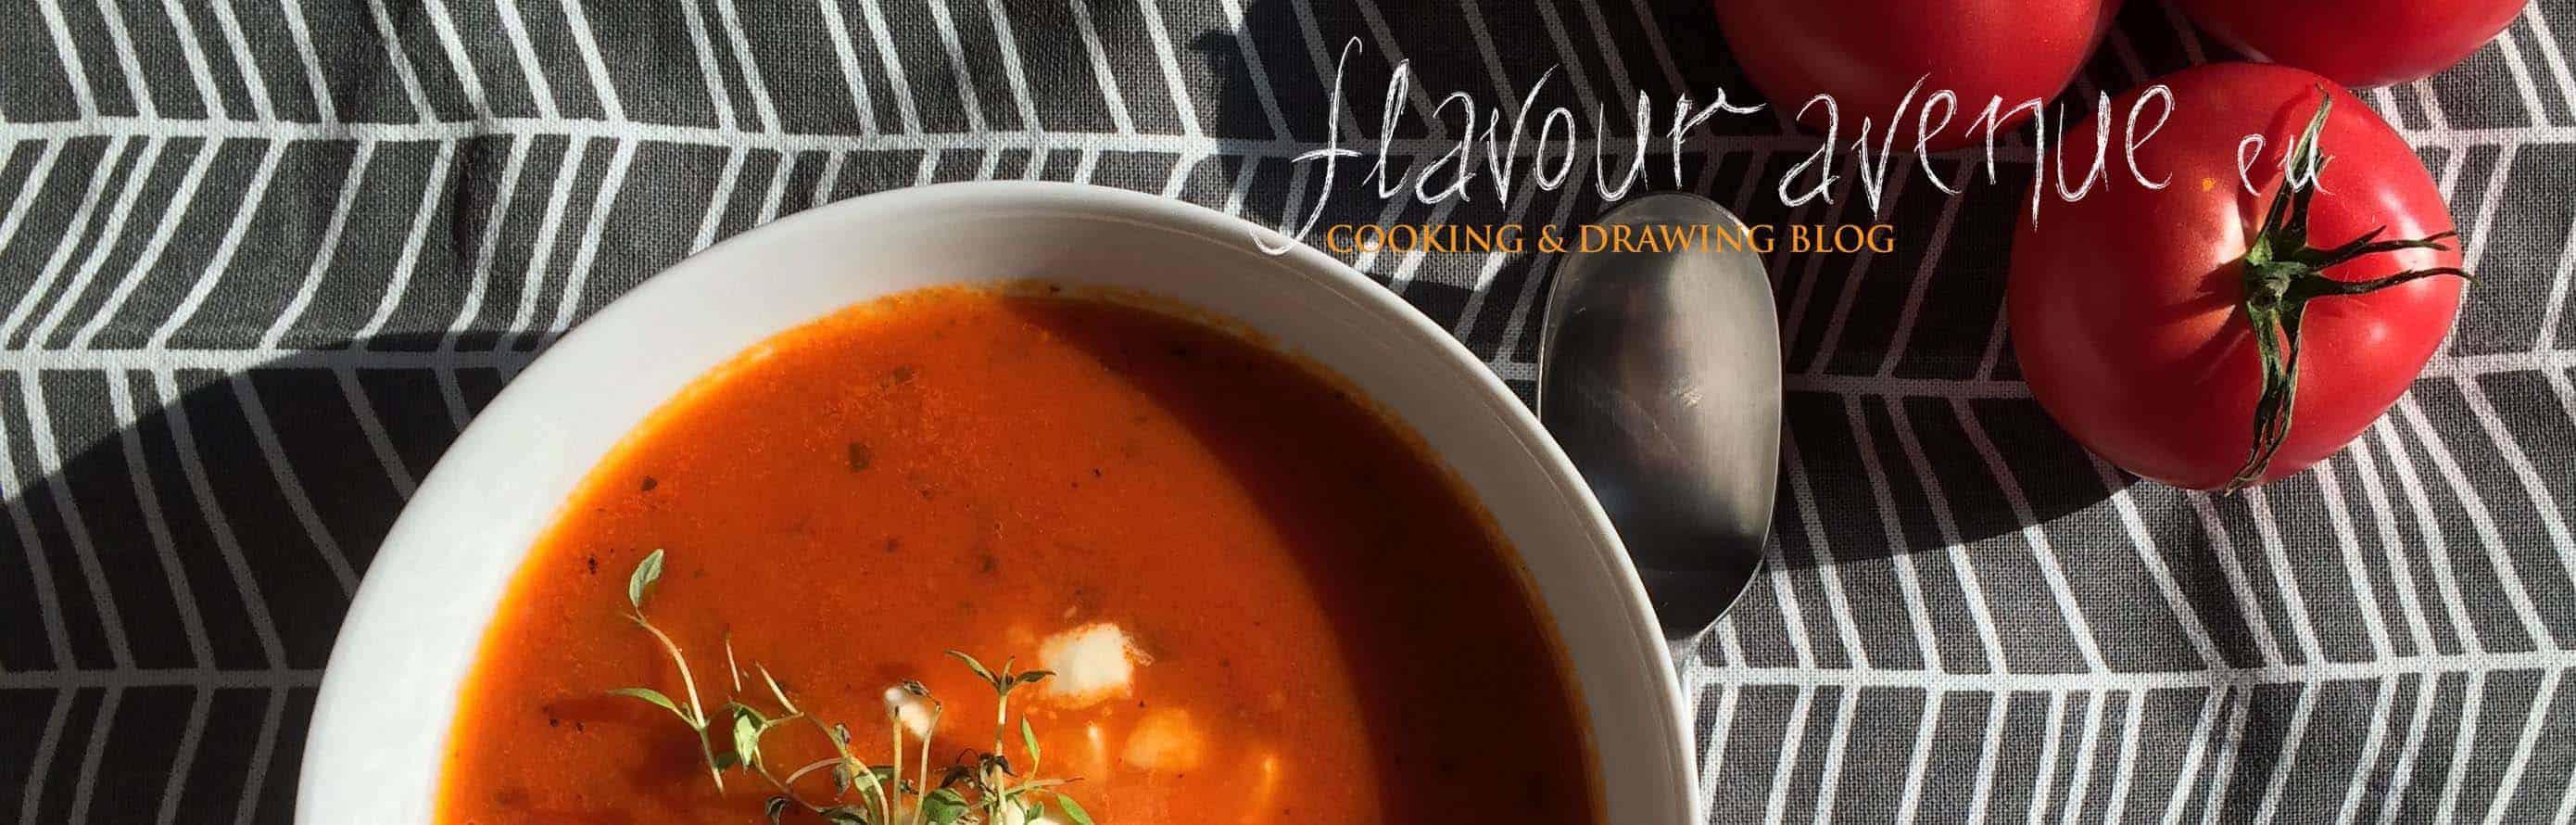 Flavour Avenue